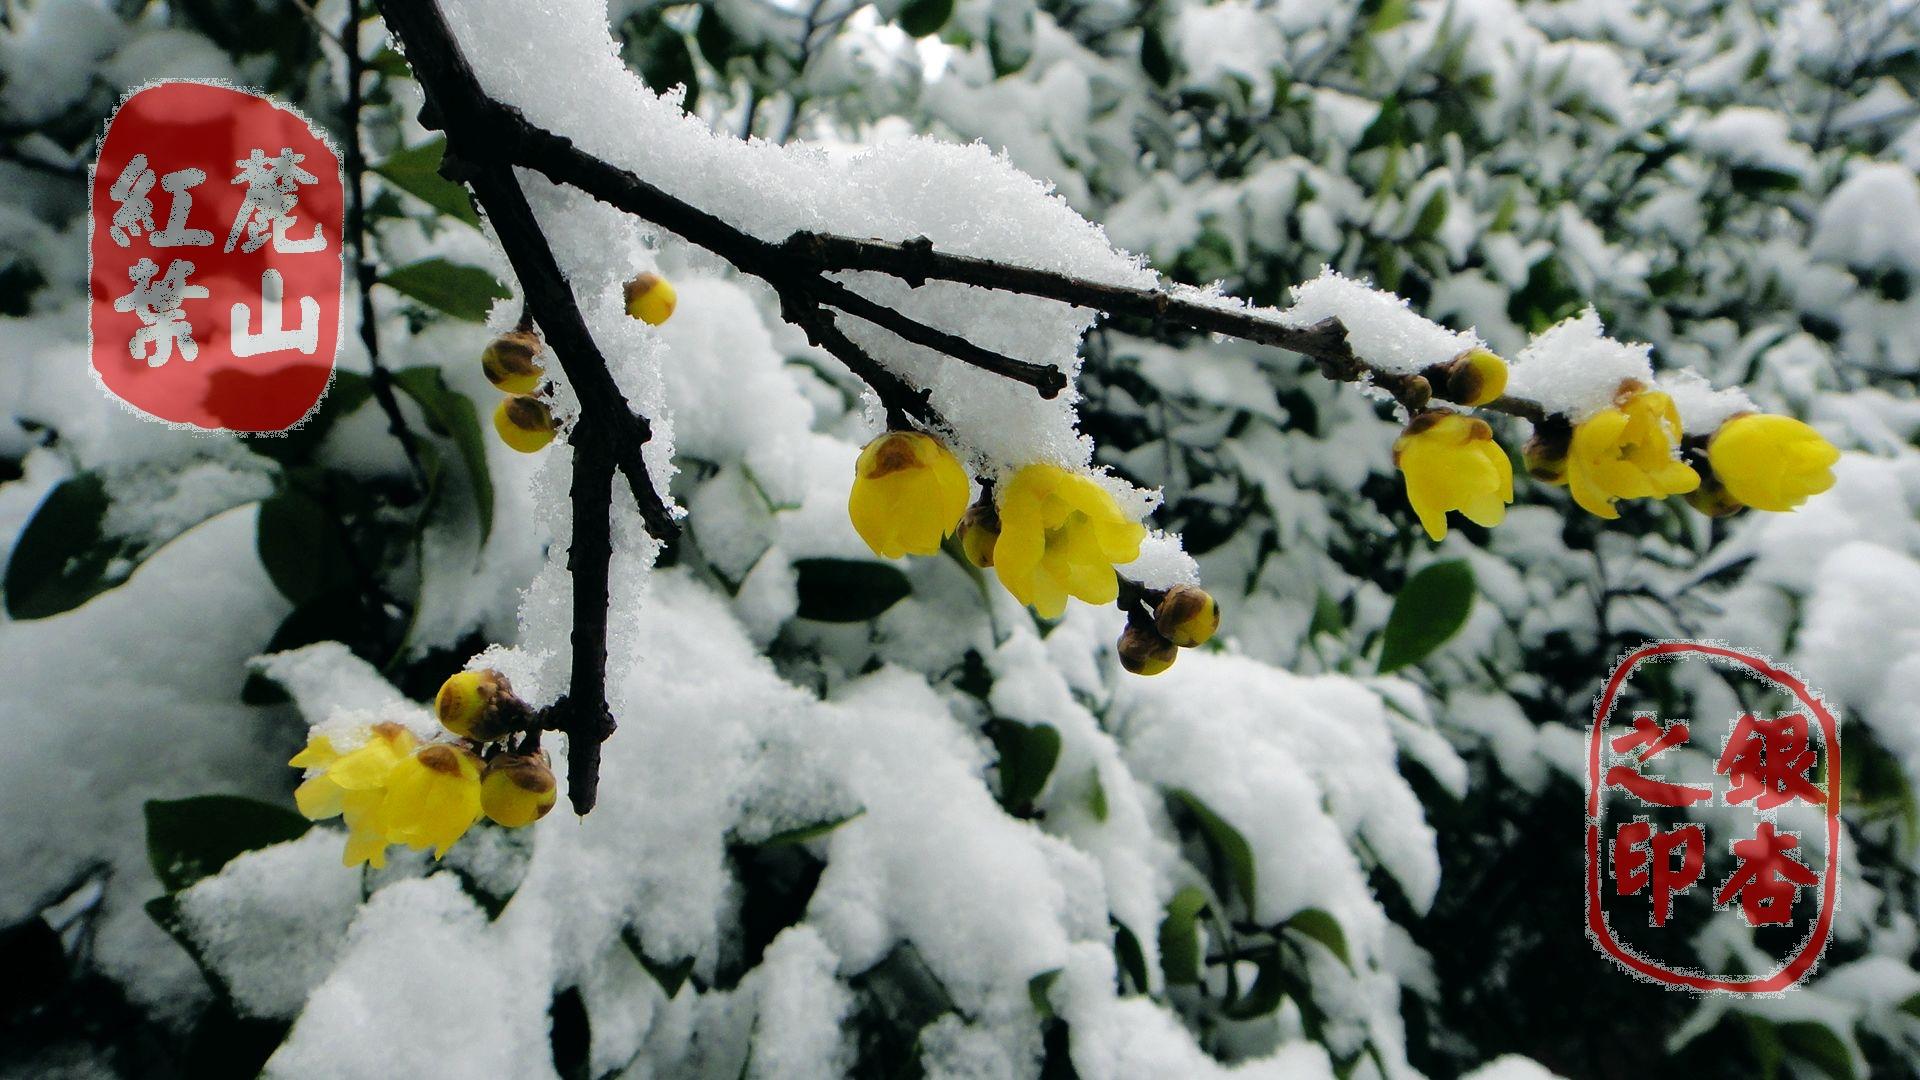 一连几天的大雪,整个世界一片银白,远远的就看见那褐色枝条上,满缀着素静怒放的花蕾。优雅均匀地衬托着枝干,显得格外地有生机。腊梅之花,由于花色嫩黄,宛如蜡制,故苏东坡曾有诗曰:蜜蜂采花为黄腊,黄腊为花亦此物黄庭坚也有诗云:闻君寺后野花发,香蜜染成宫样黄腊梅的名称便由此而来。 迎着凛冽的寒风昂首怒放枝头的腊梅花,抽蕊吐芳如此好强与坚强!黄如蜡的香花满枝头,在这千山鸟飞绝、百花难觅的隆冬时节,你的冰清玉洁却弄得满庭香,为寒冷的腊月增添了一股生气。腊梅变得更醒目了,袅袅婷婷地兀自站立着,被银白世界烘托成仙风